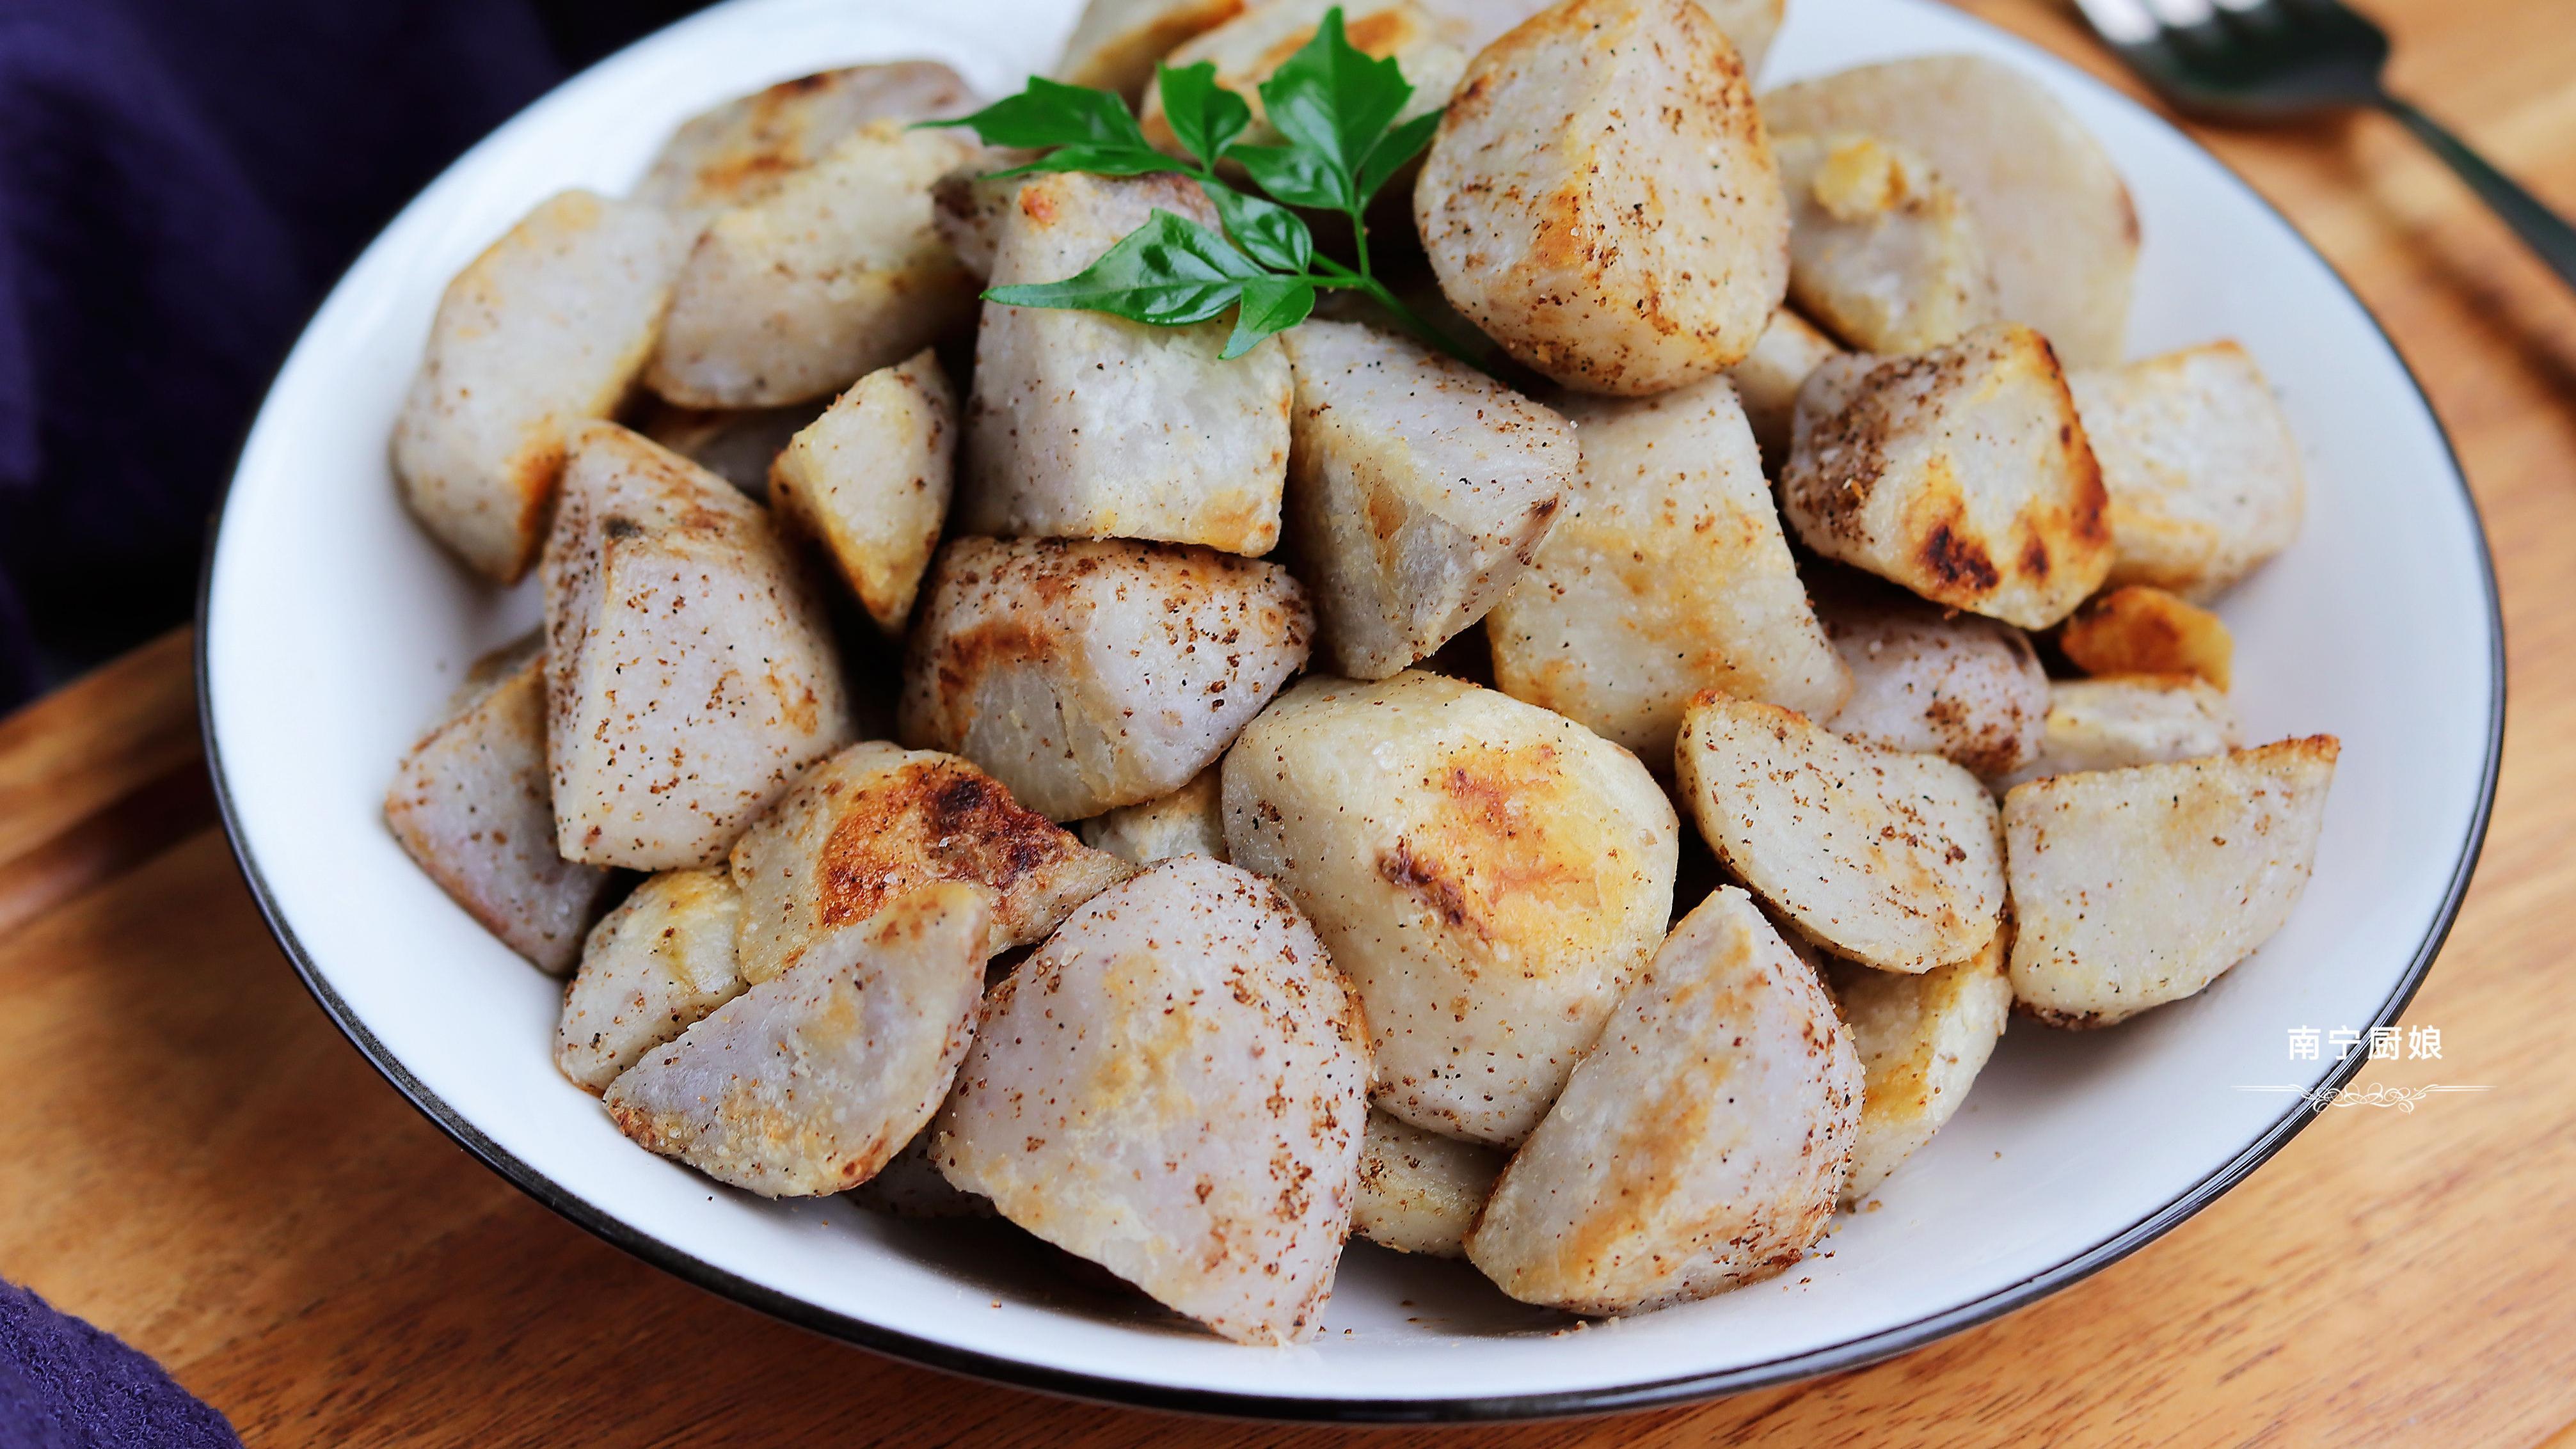 秋天,吃土豆红薯不如吃它,每天吃一点,对肠胃消化好